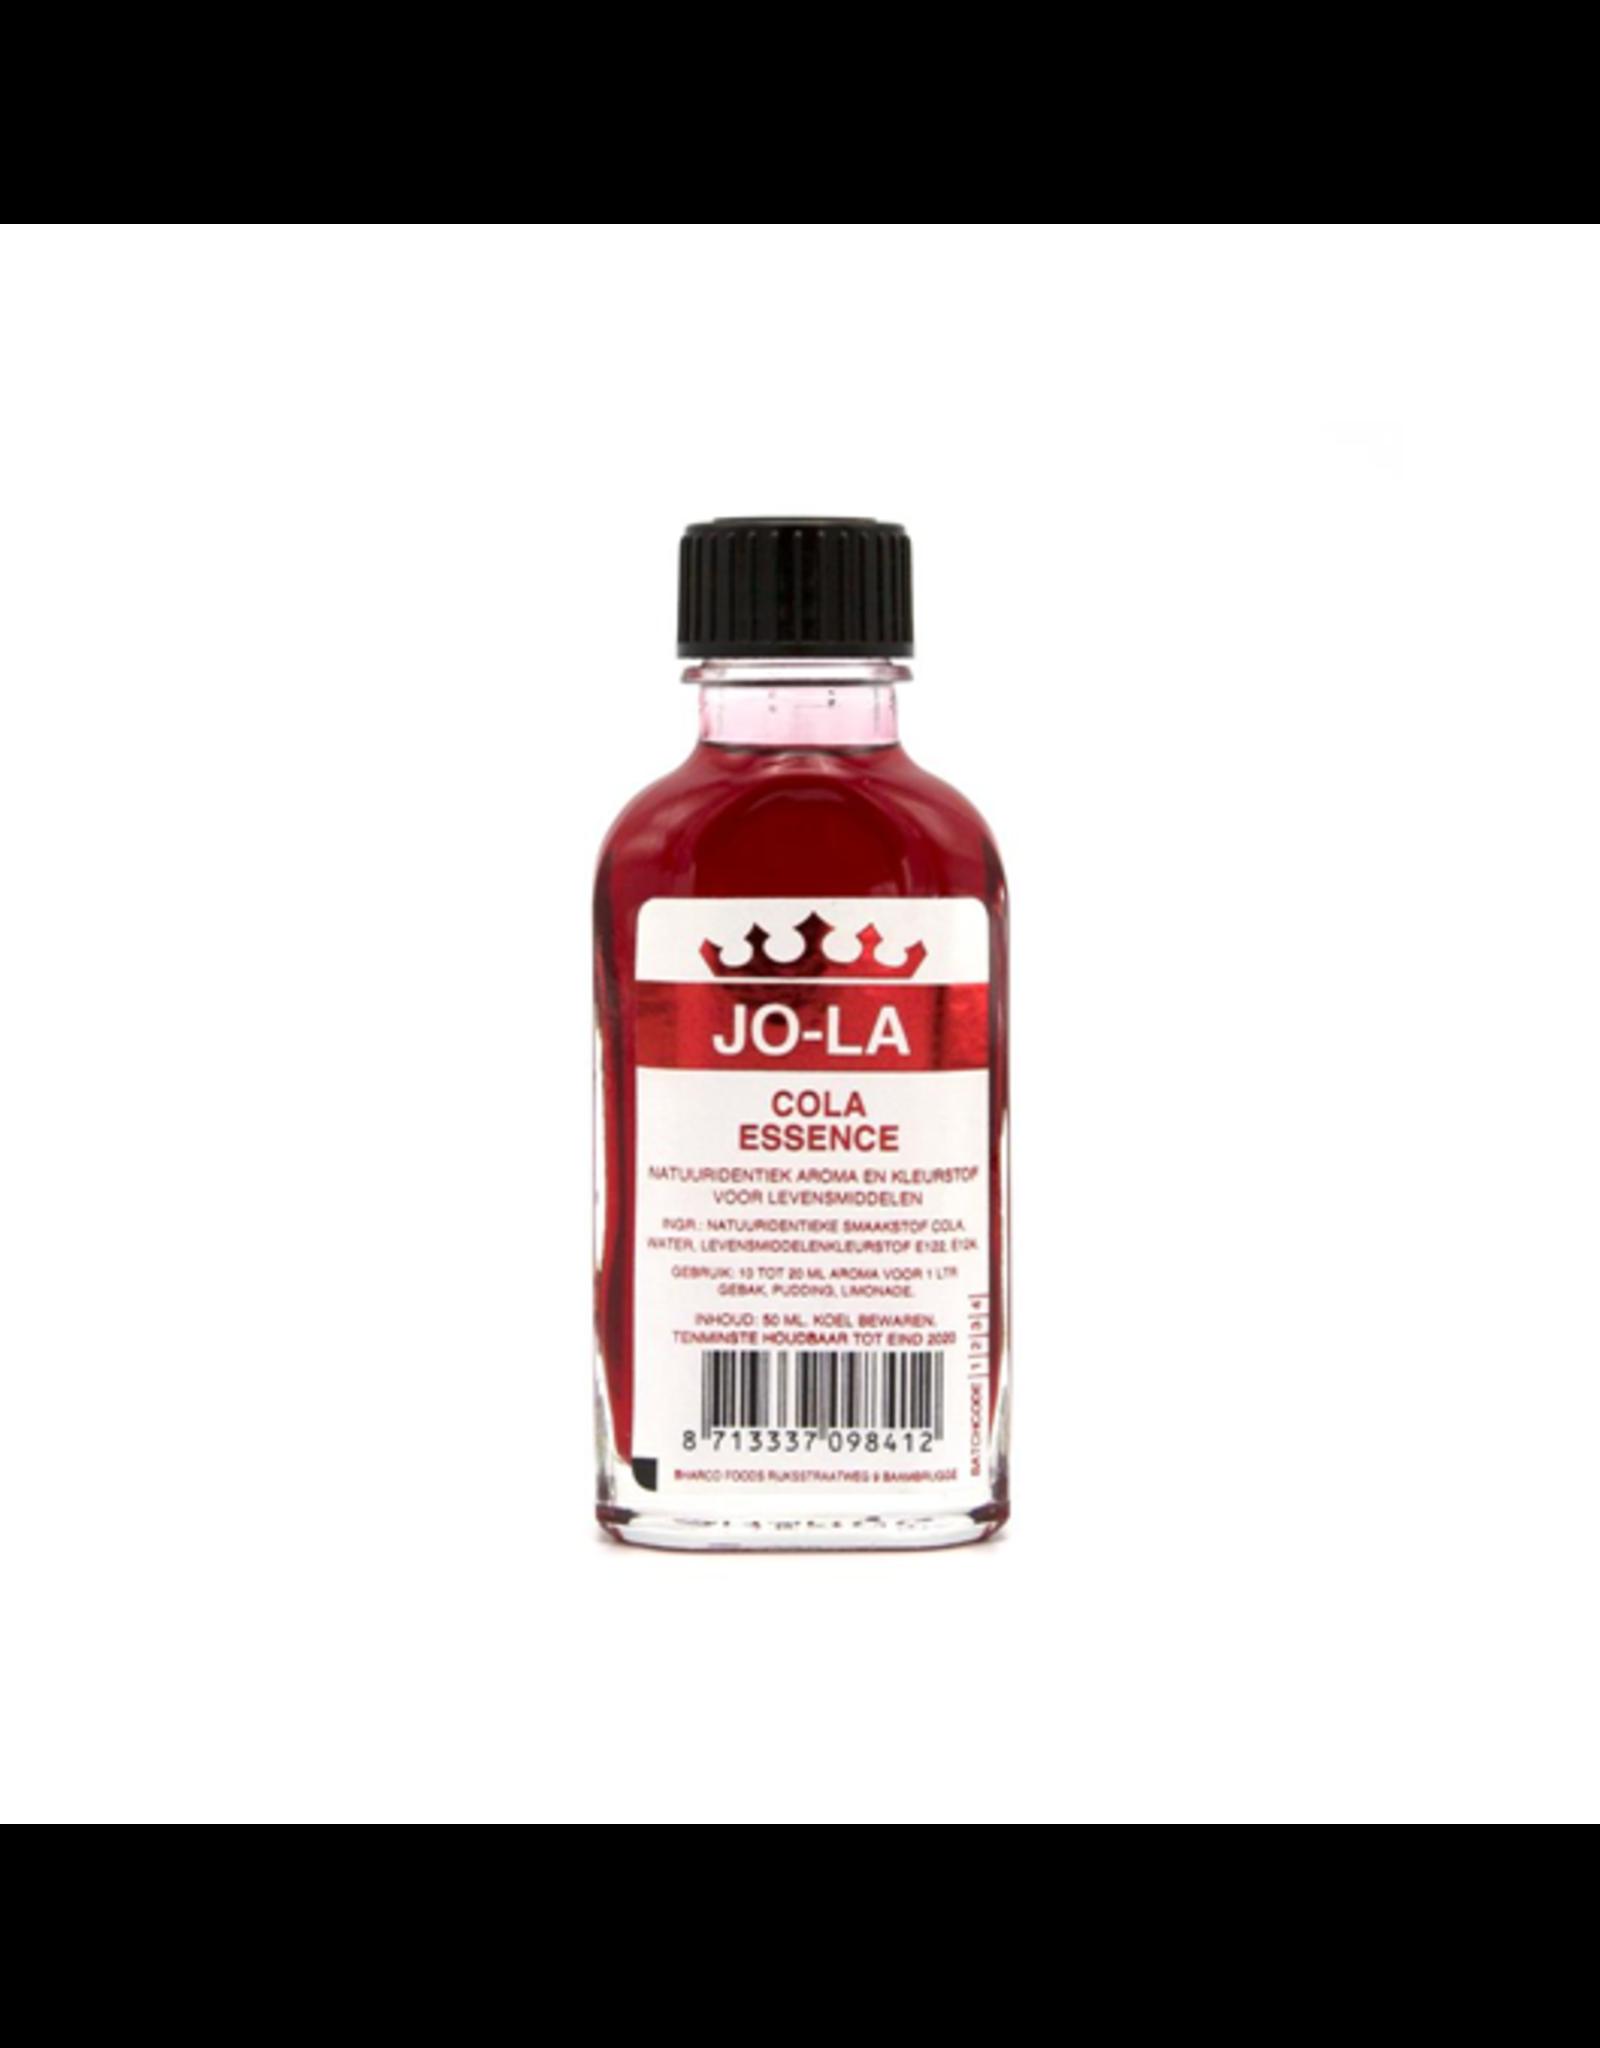 Jo-La Cola Essence